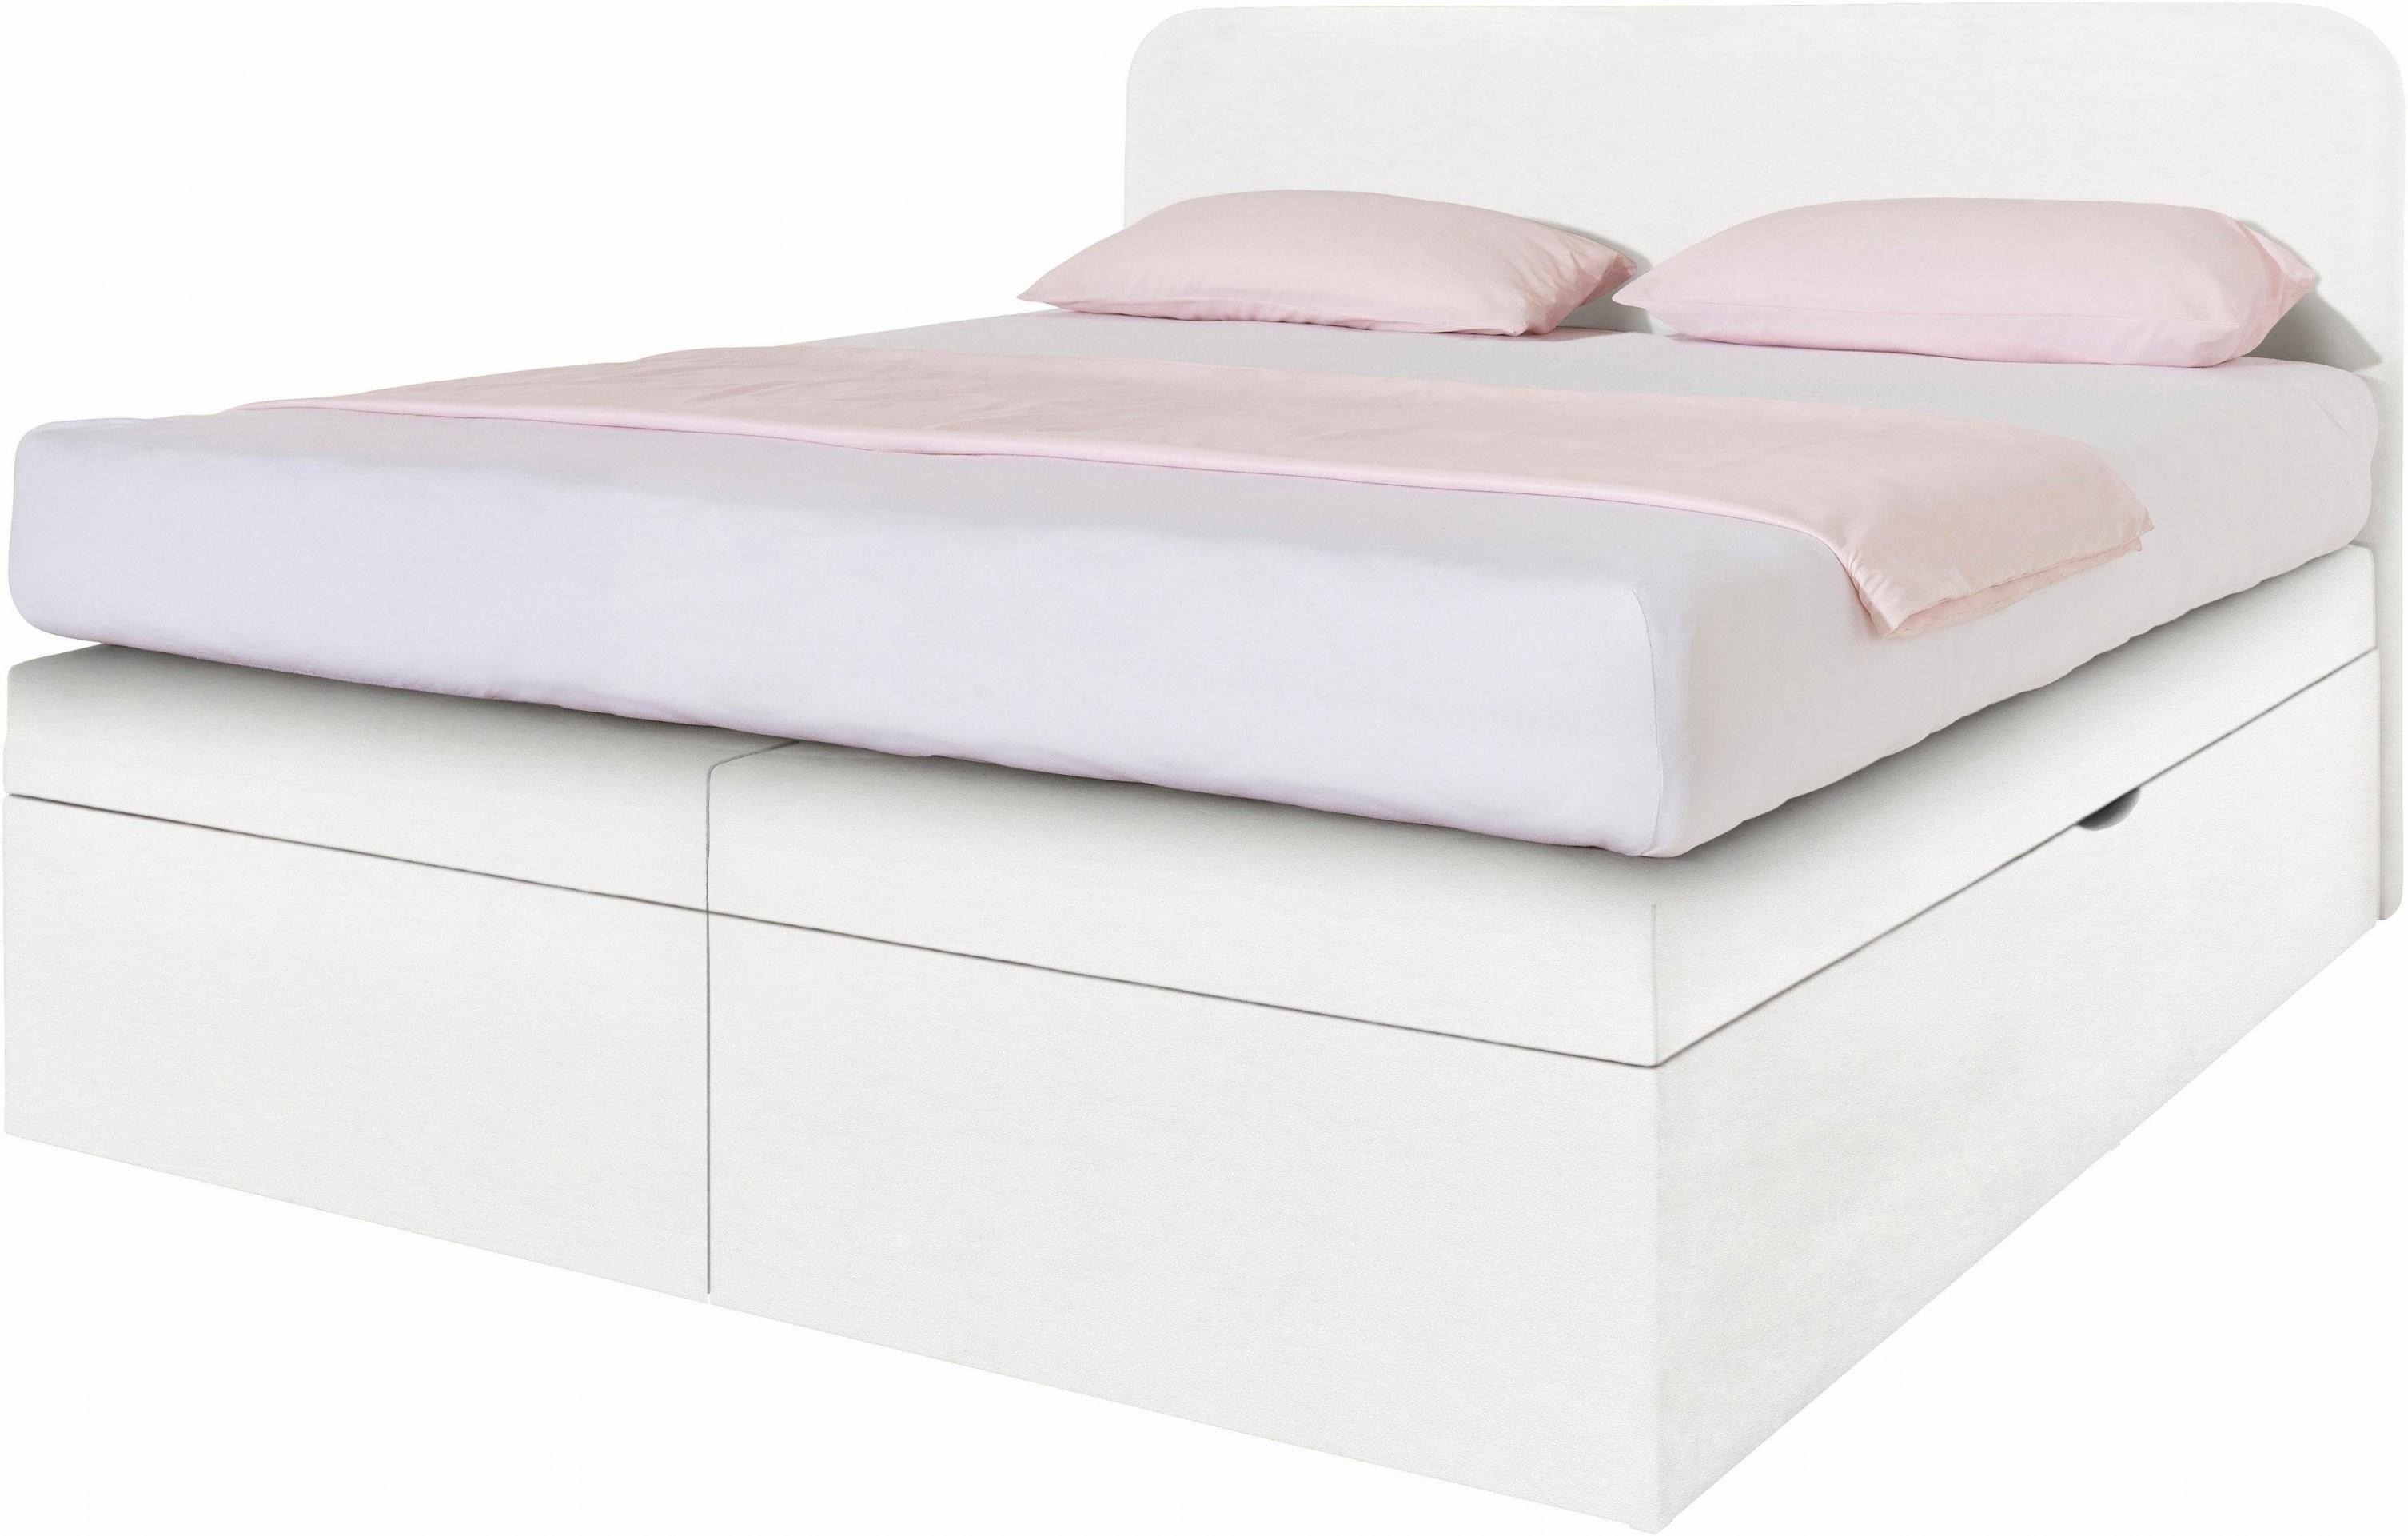 Lit Moderne 140 X 200 Erstaunlich Günstige Betten 140X200 Mit von 140X200 Bett Mit Matratze Und Lattenrost Günstig Photo